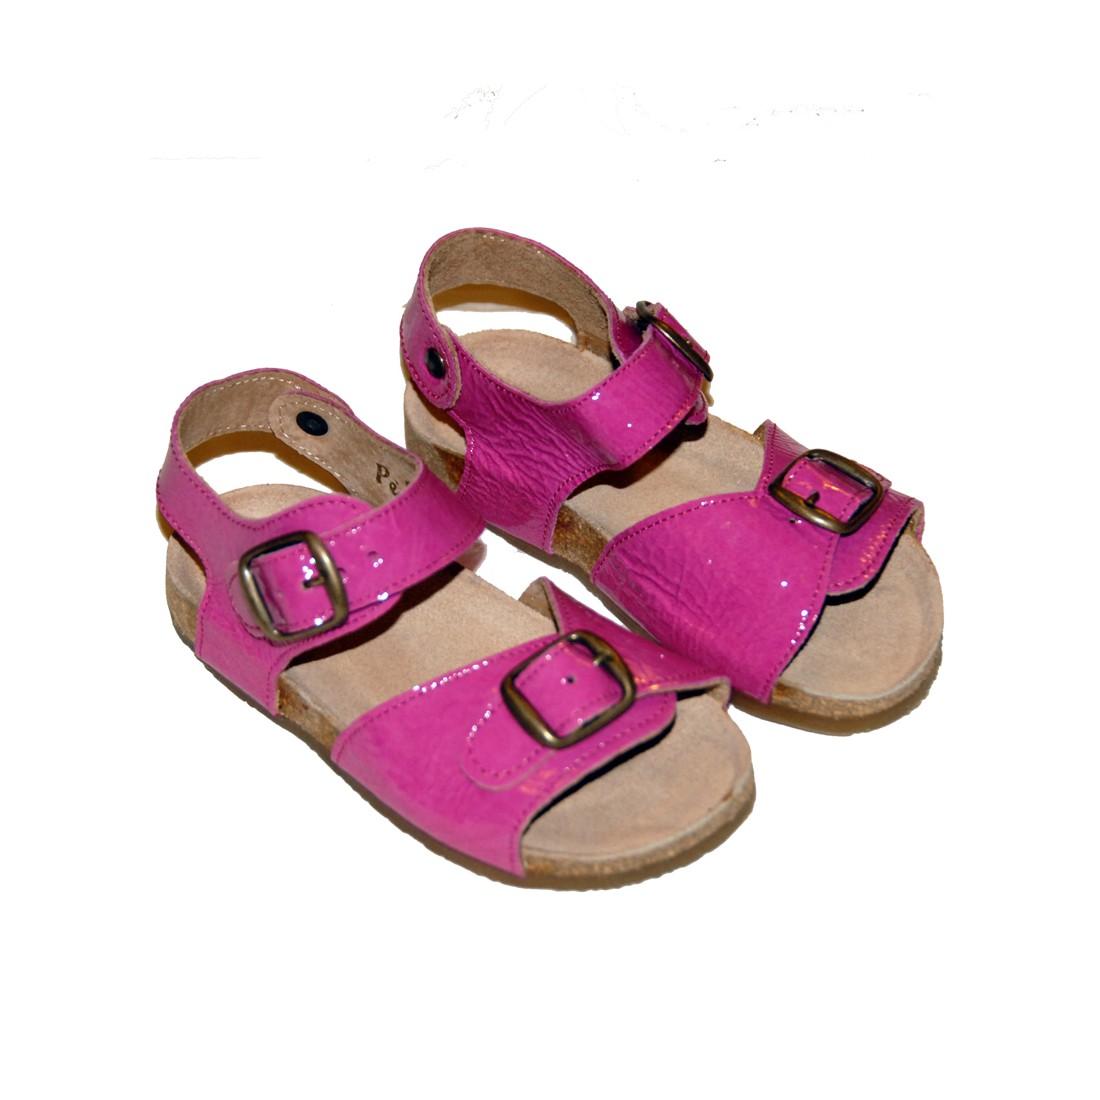 Nu-pieds sandales bébé fille Pèpè - Rose Vernice